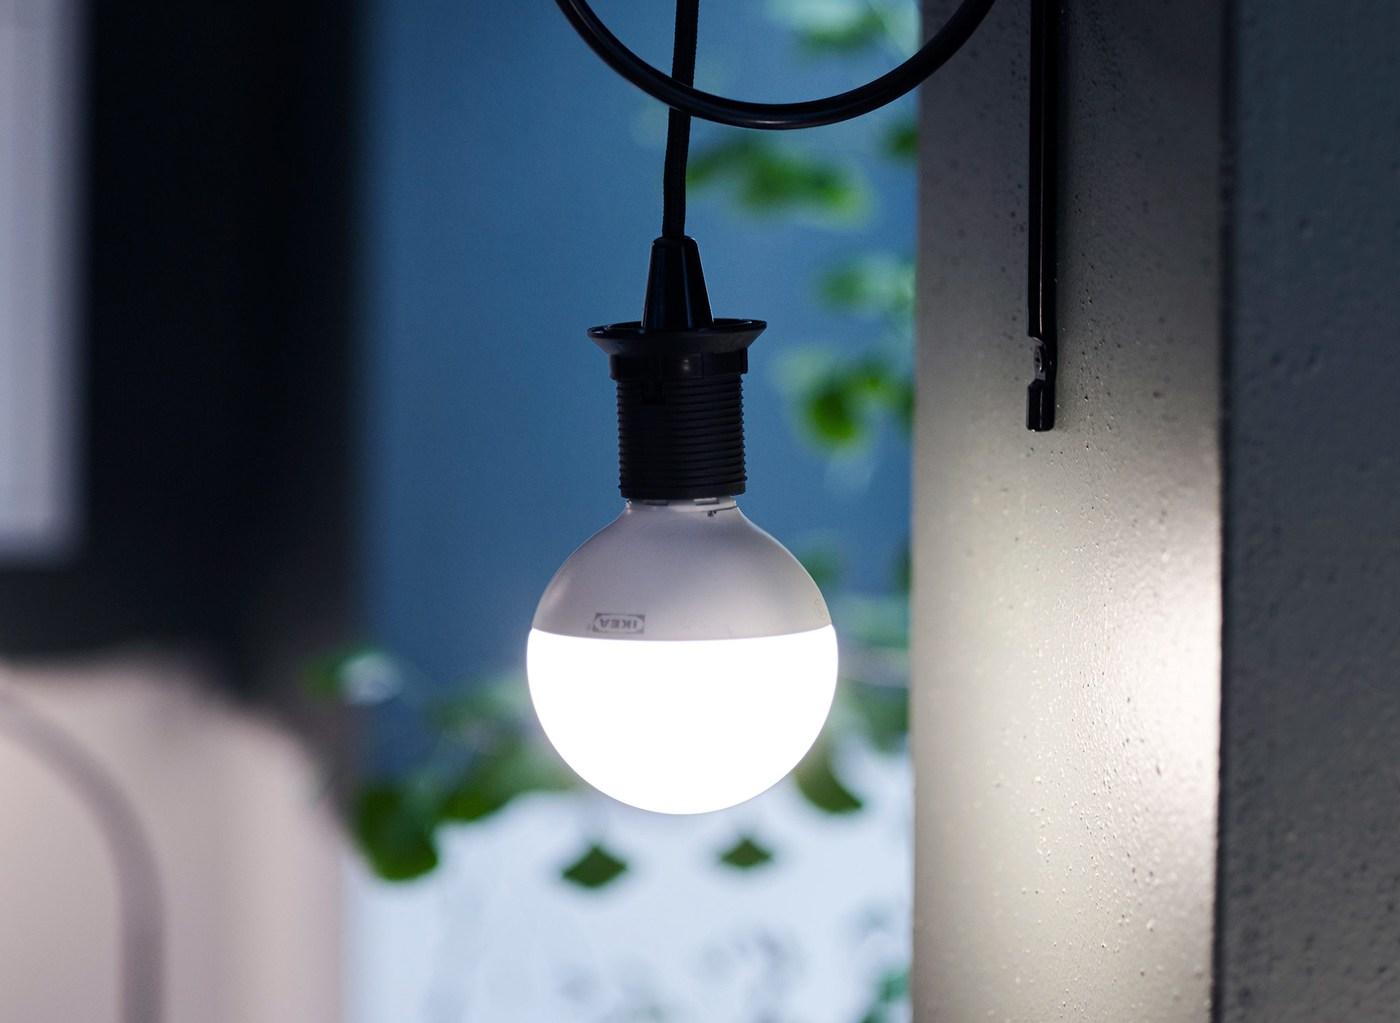 LED-lyspære hængende fra en sort ledning mod en mørkblå væg.